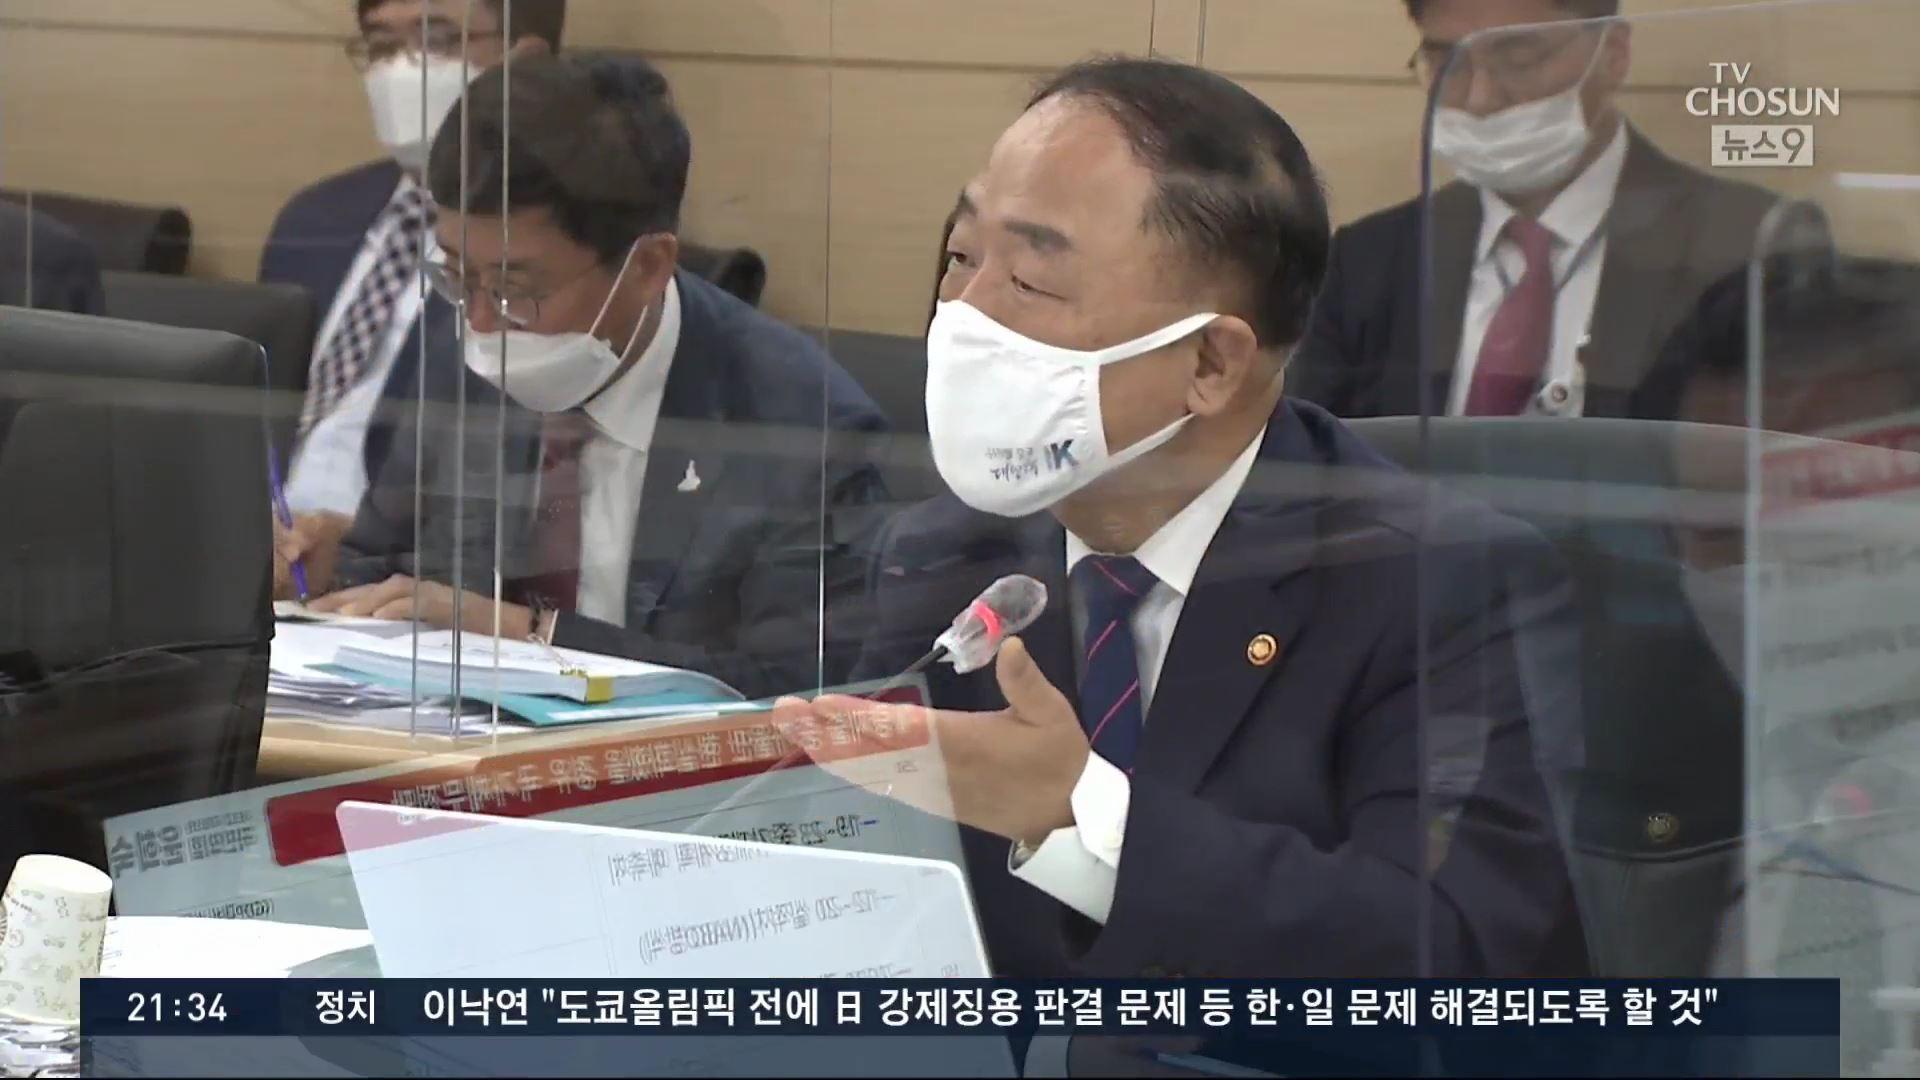 '대주주 3억'에 동학개미 분노…野  '법으로 10억 유지' 발의